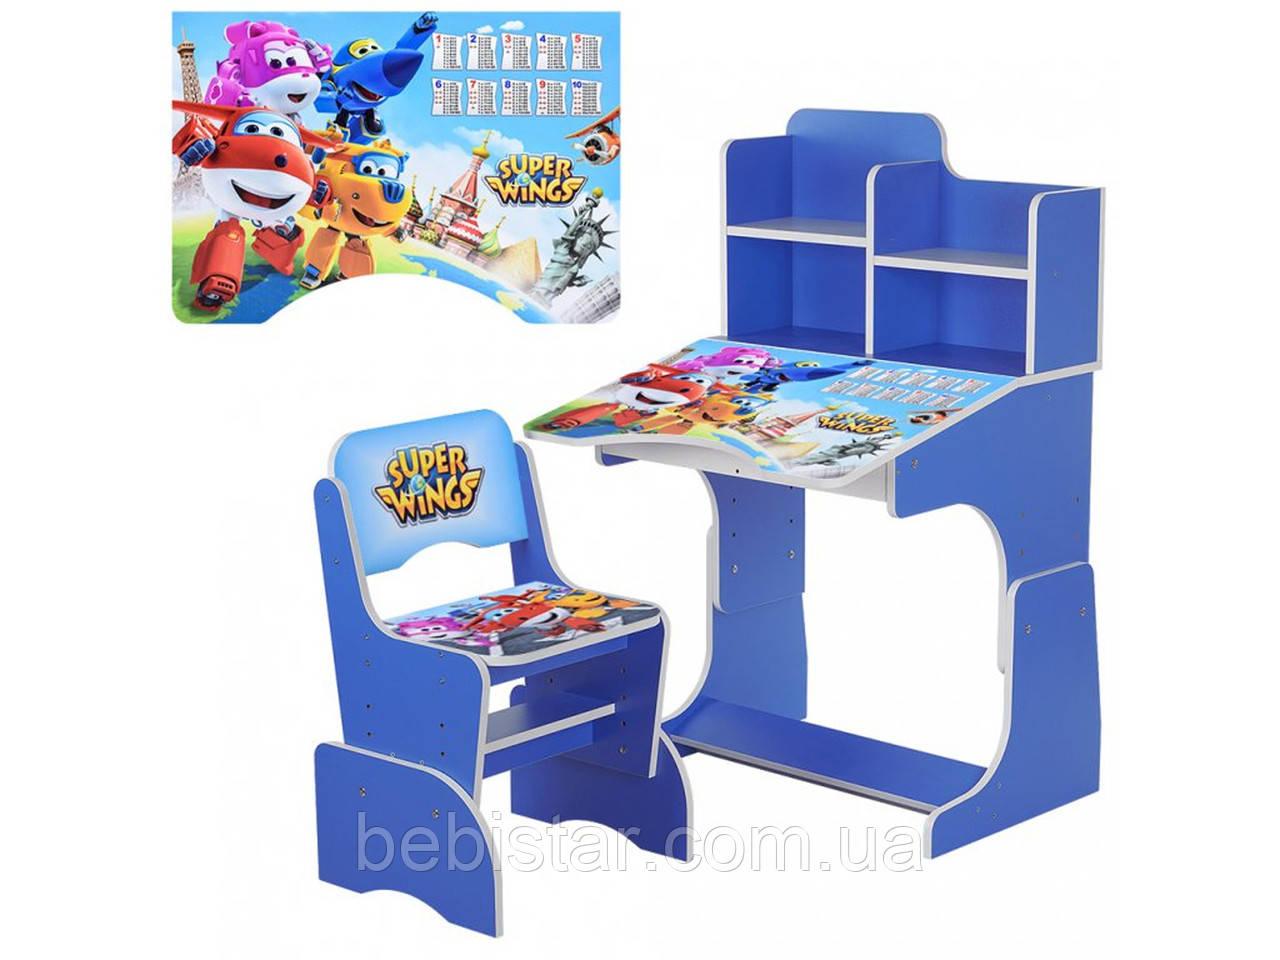 Детская парта синяя со стульчиком Super Wings для мальчиков